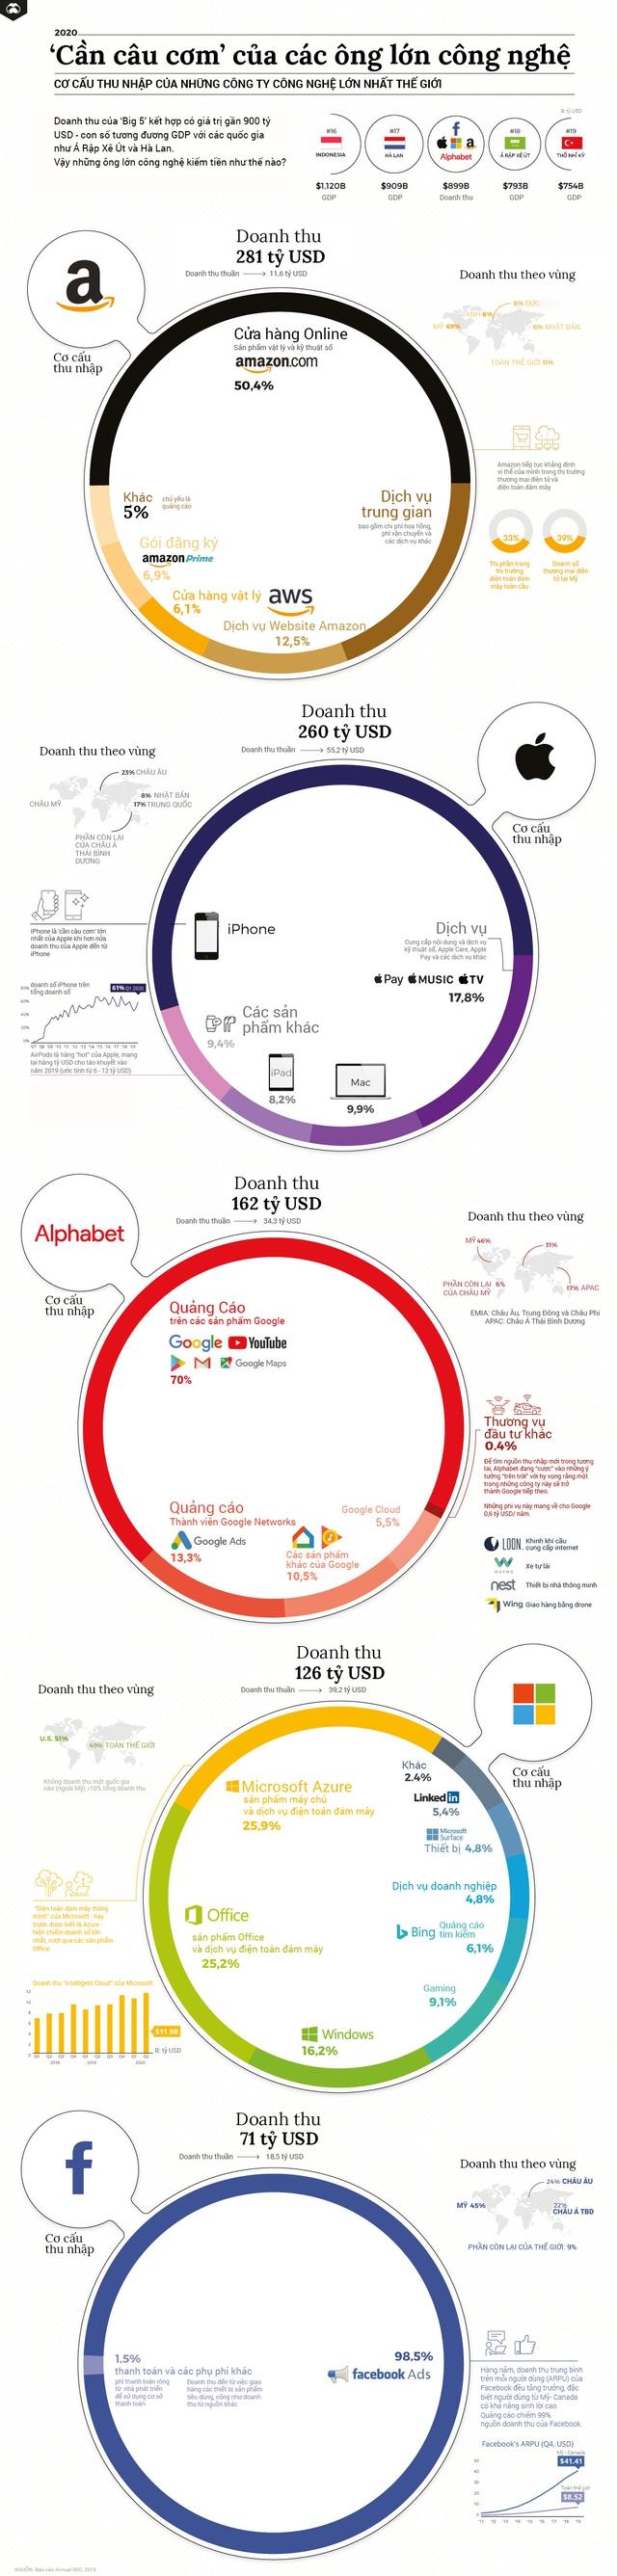 Những công ty lớn nhất trên thế giới kiếm tiền từ đâu? - Ảnh 1.